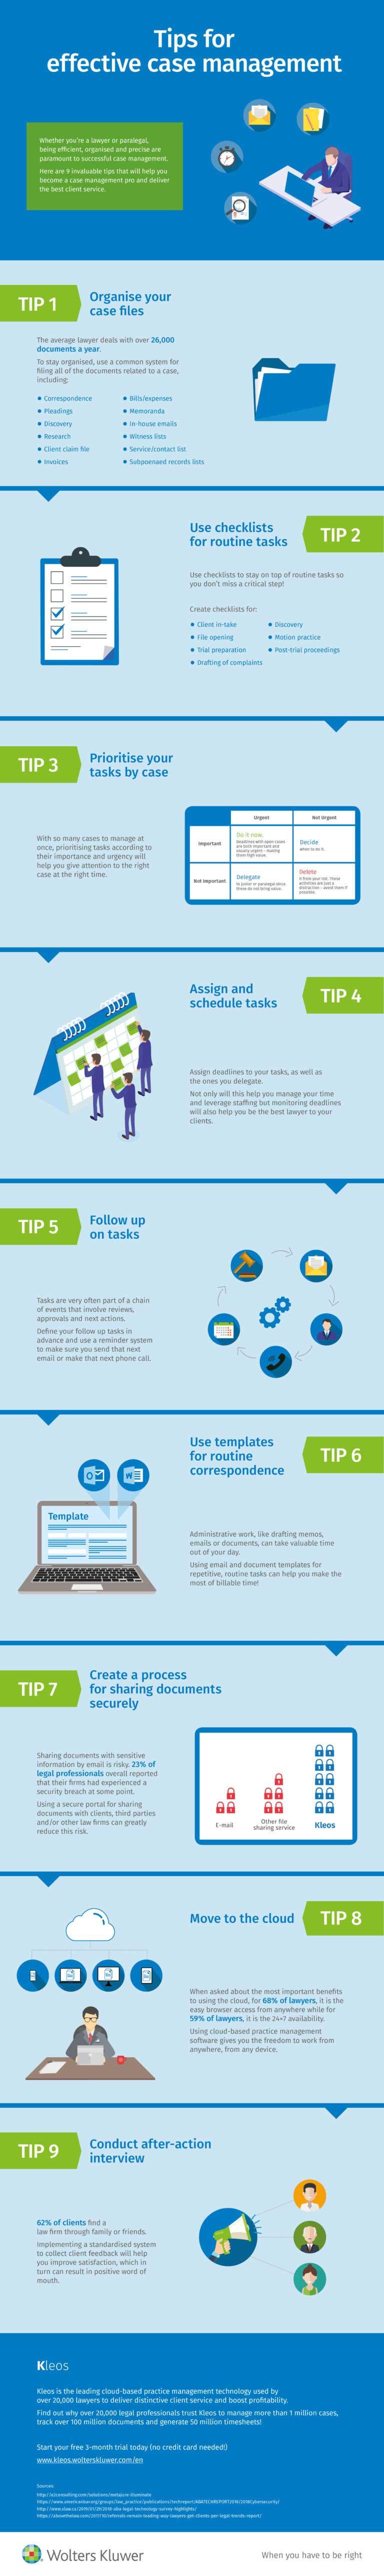 Kleos-Case-Management-Infographic-Full-Image-File-EN